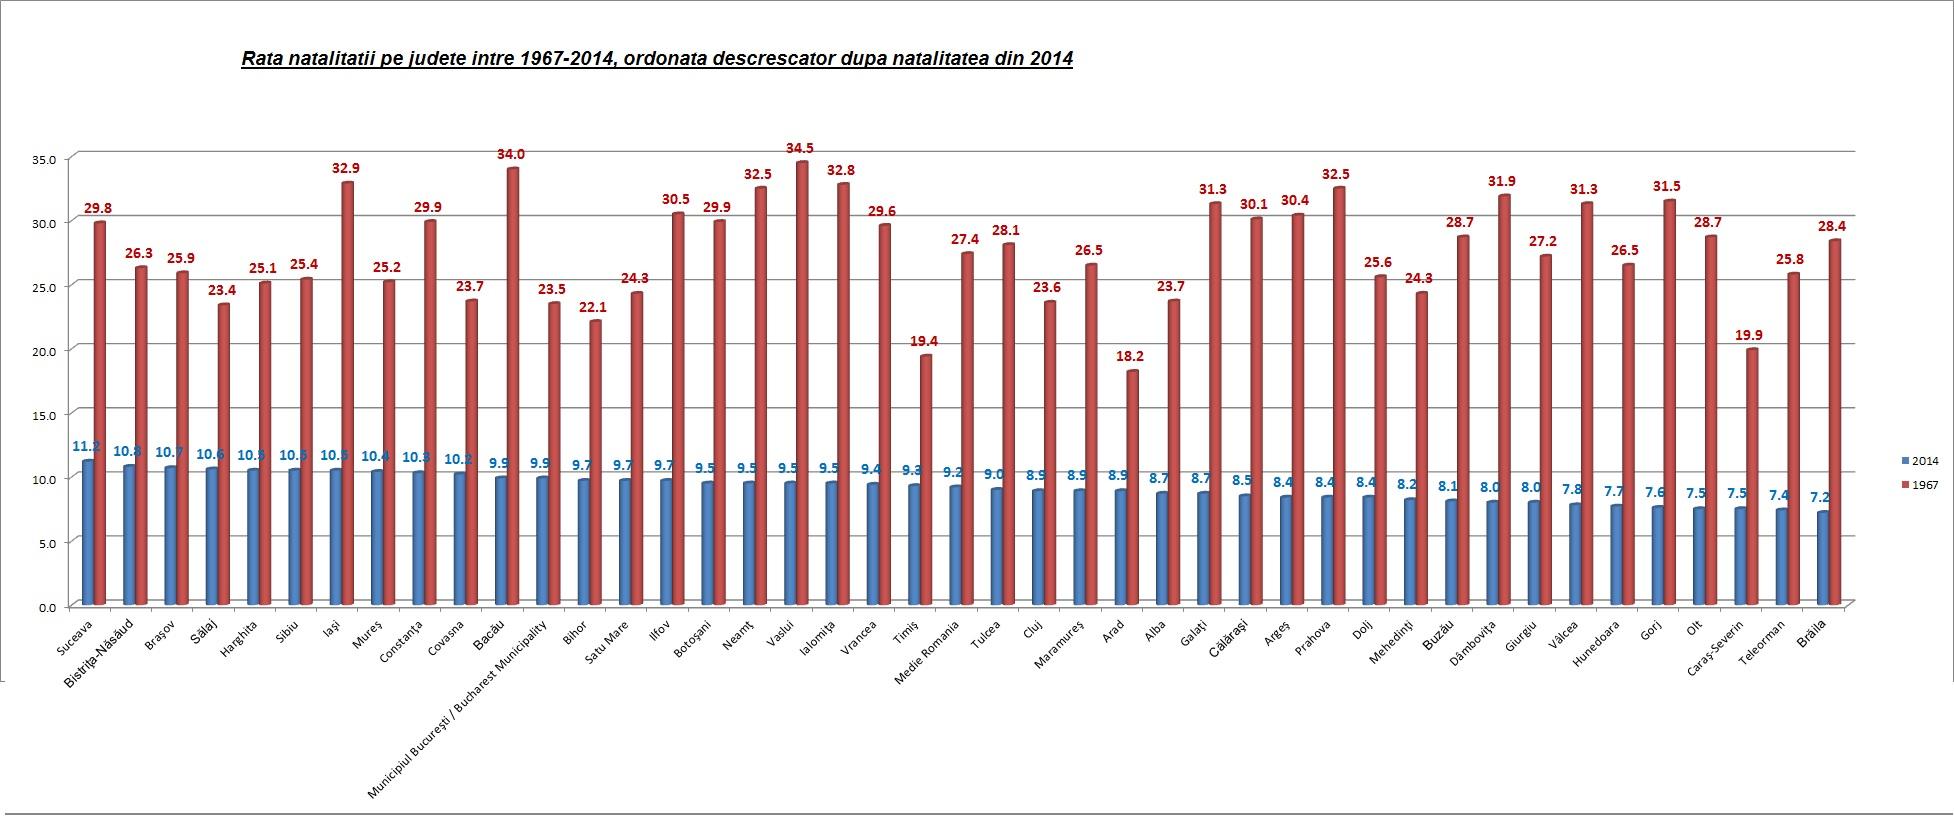 România trece într-un proces lent, dar continuu, de îmbătrânire demografică